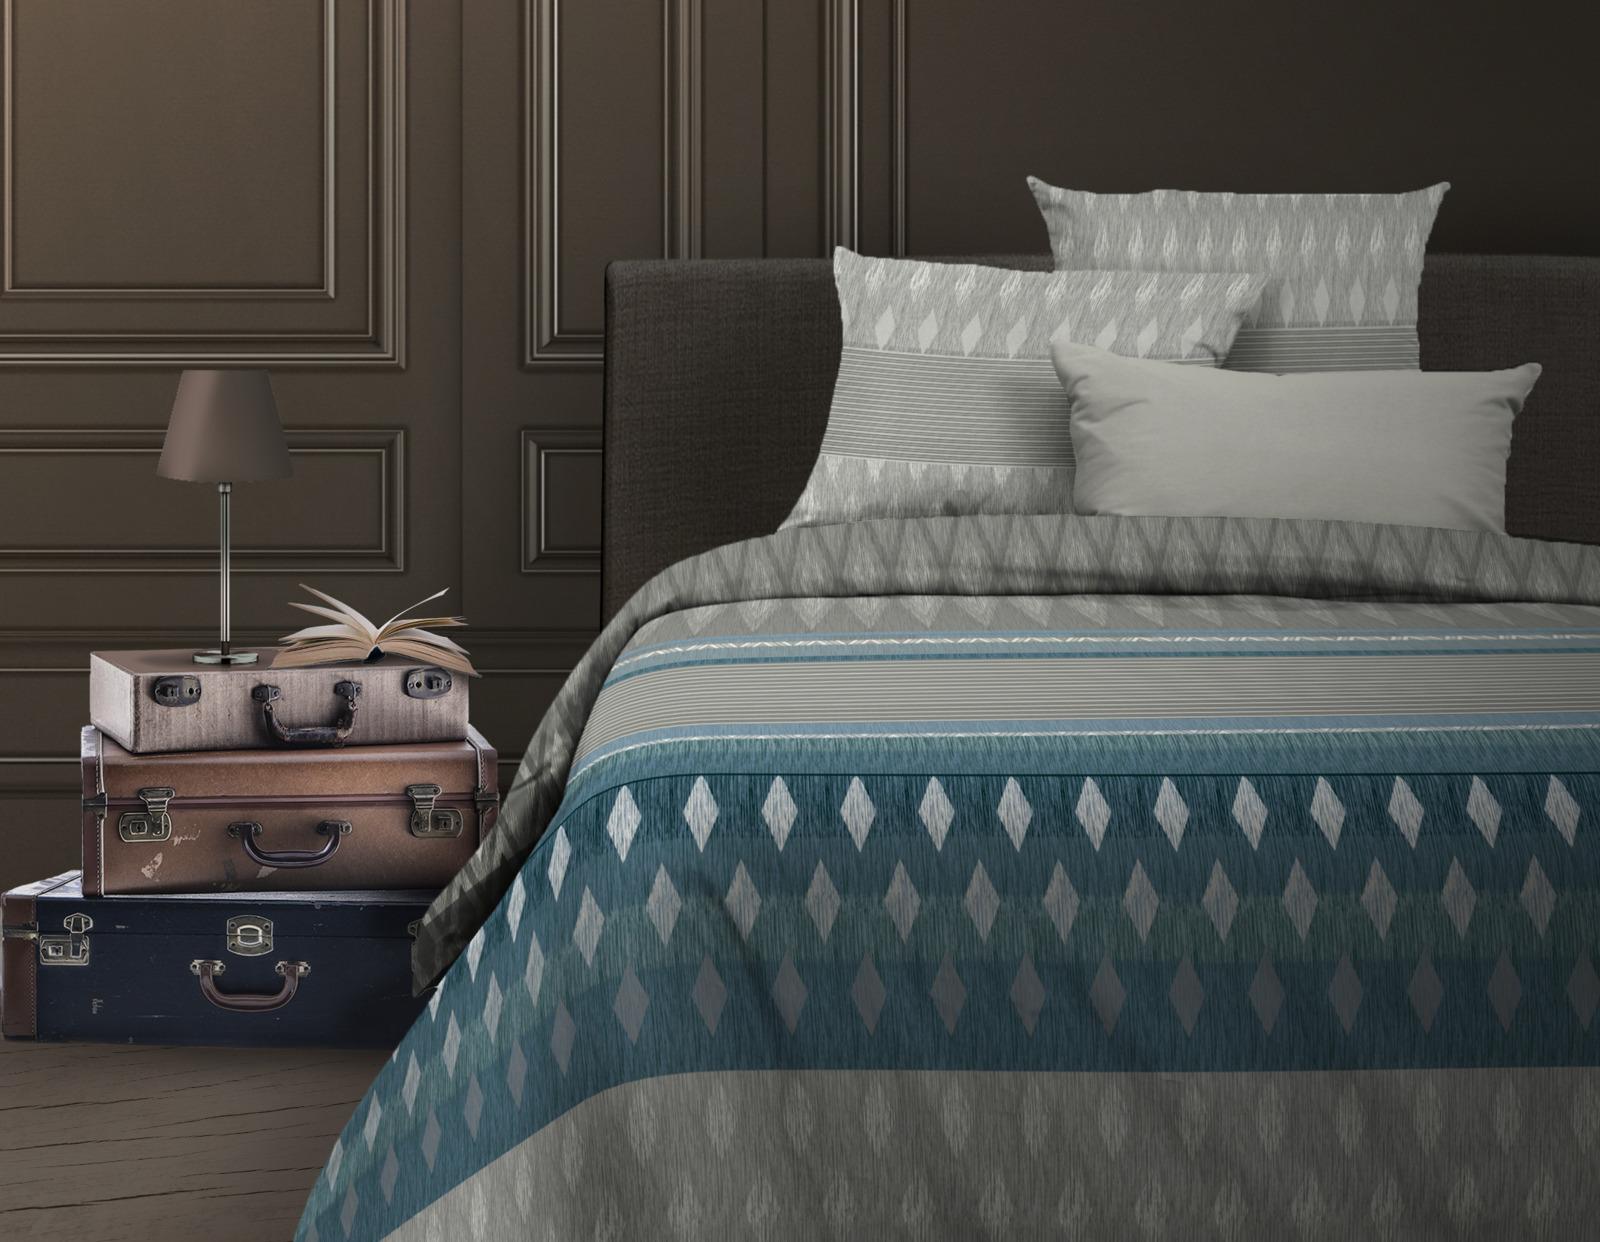 Комплект белья Wenge Billund, 532680, 1,5 спальное, наволочки 70х70 покрывало wenge watson sydney 180x210cm 504224